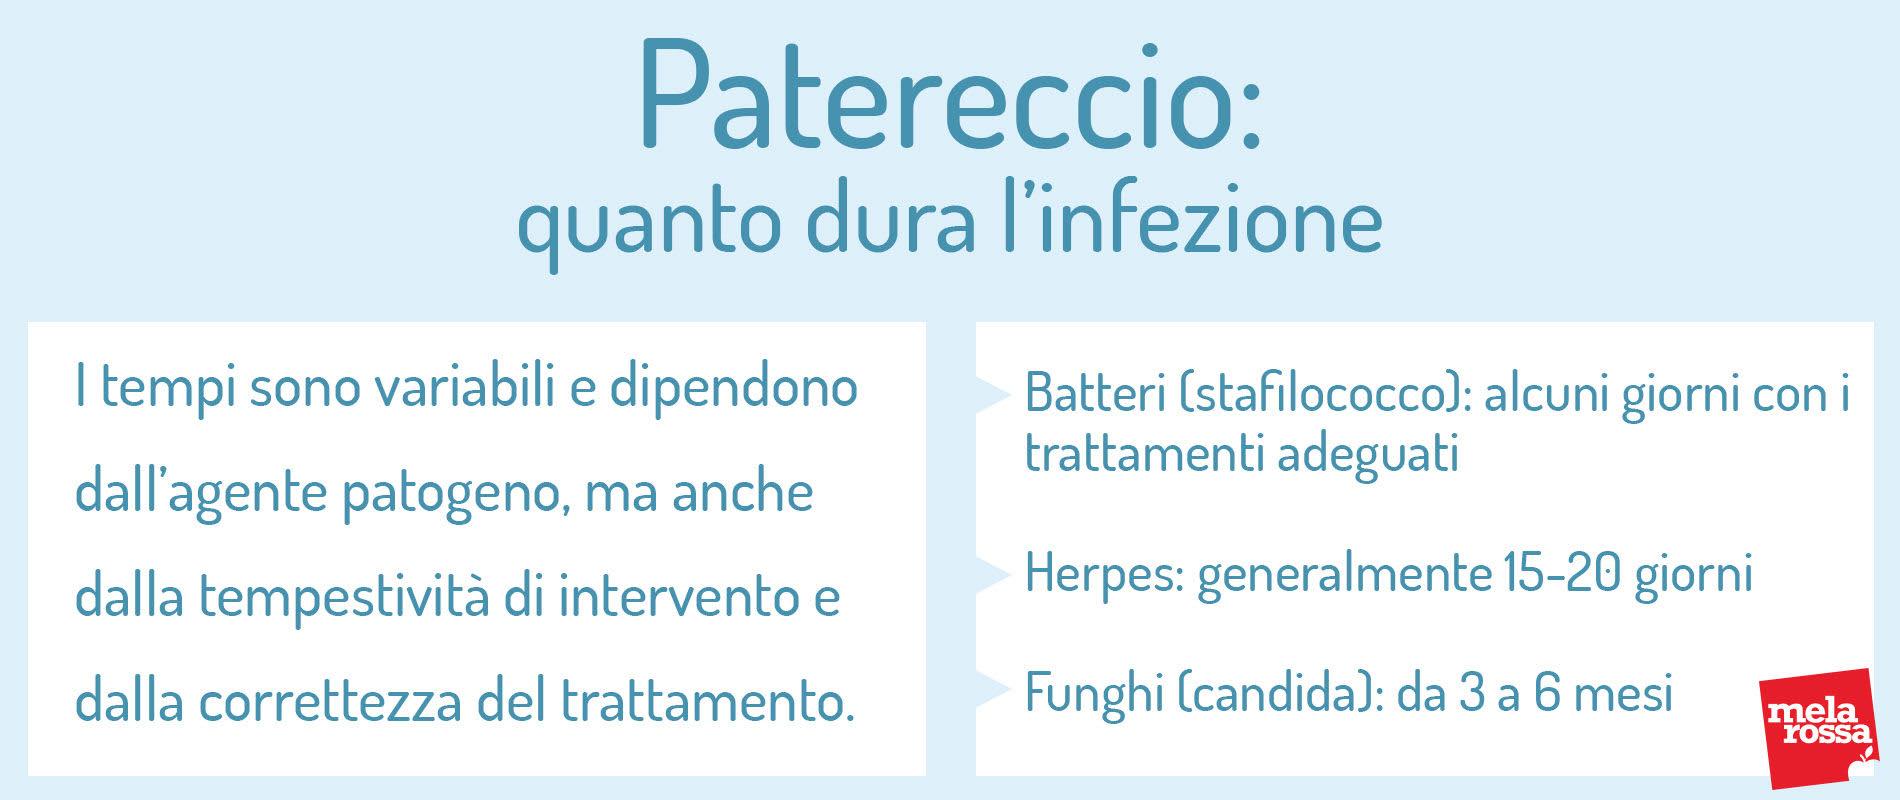 Patereccio: quanto dura l'infezione